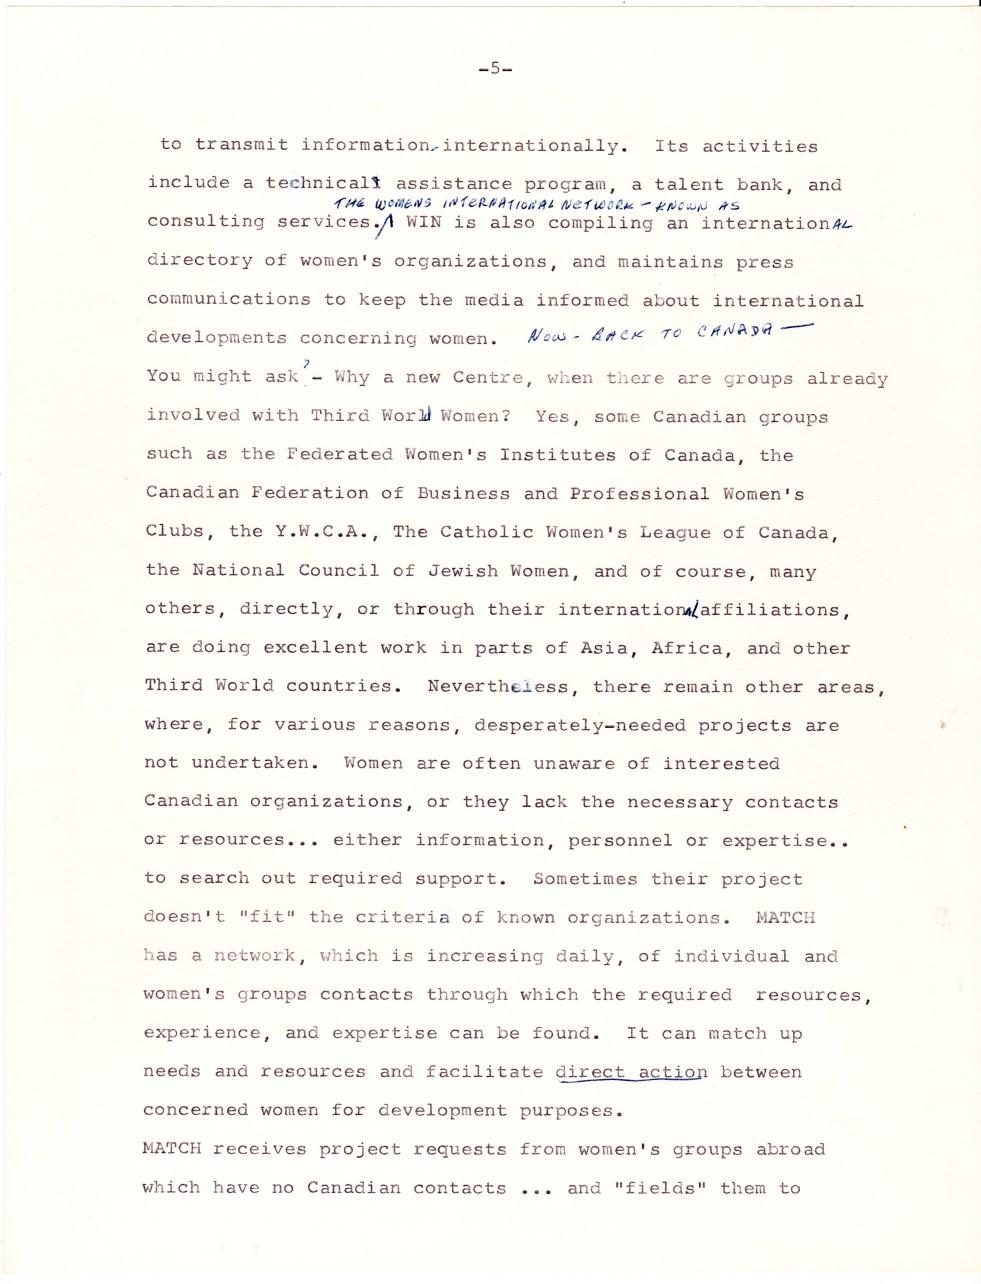 MATCH - Page 5